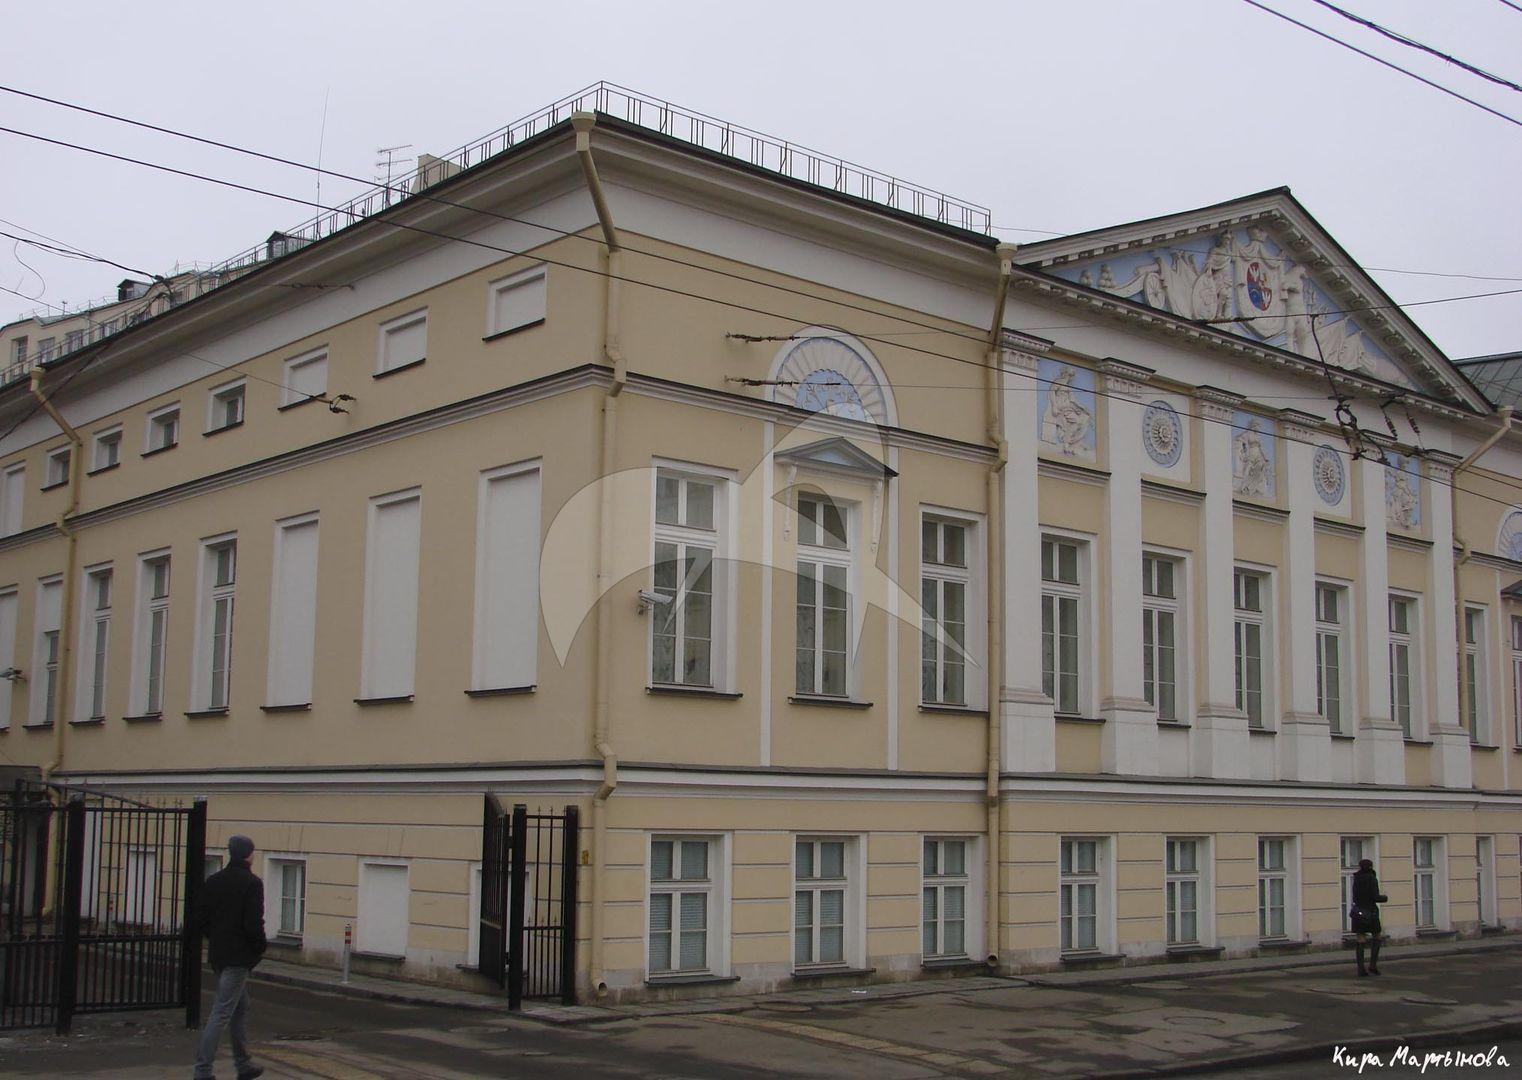 Городская усадьба, конец XVIII в., арх. М.Ф. Казаков